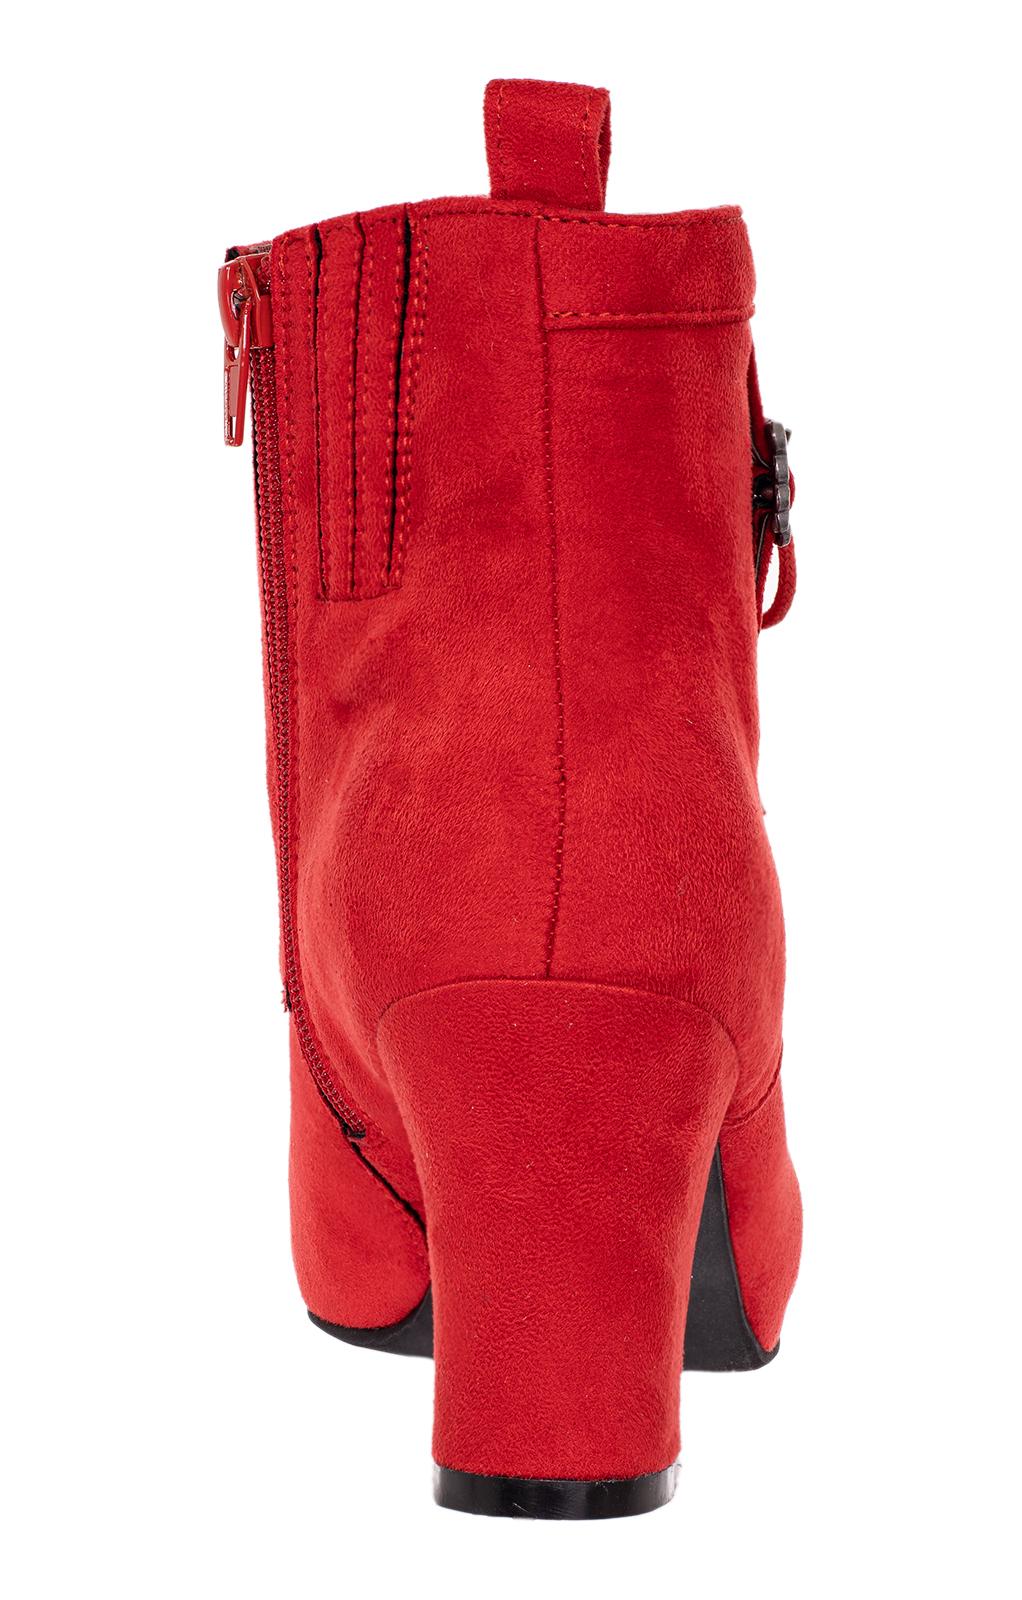 weitere Bilder von Stiefelette 3008720-21 rot